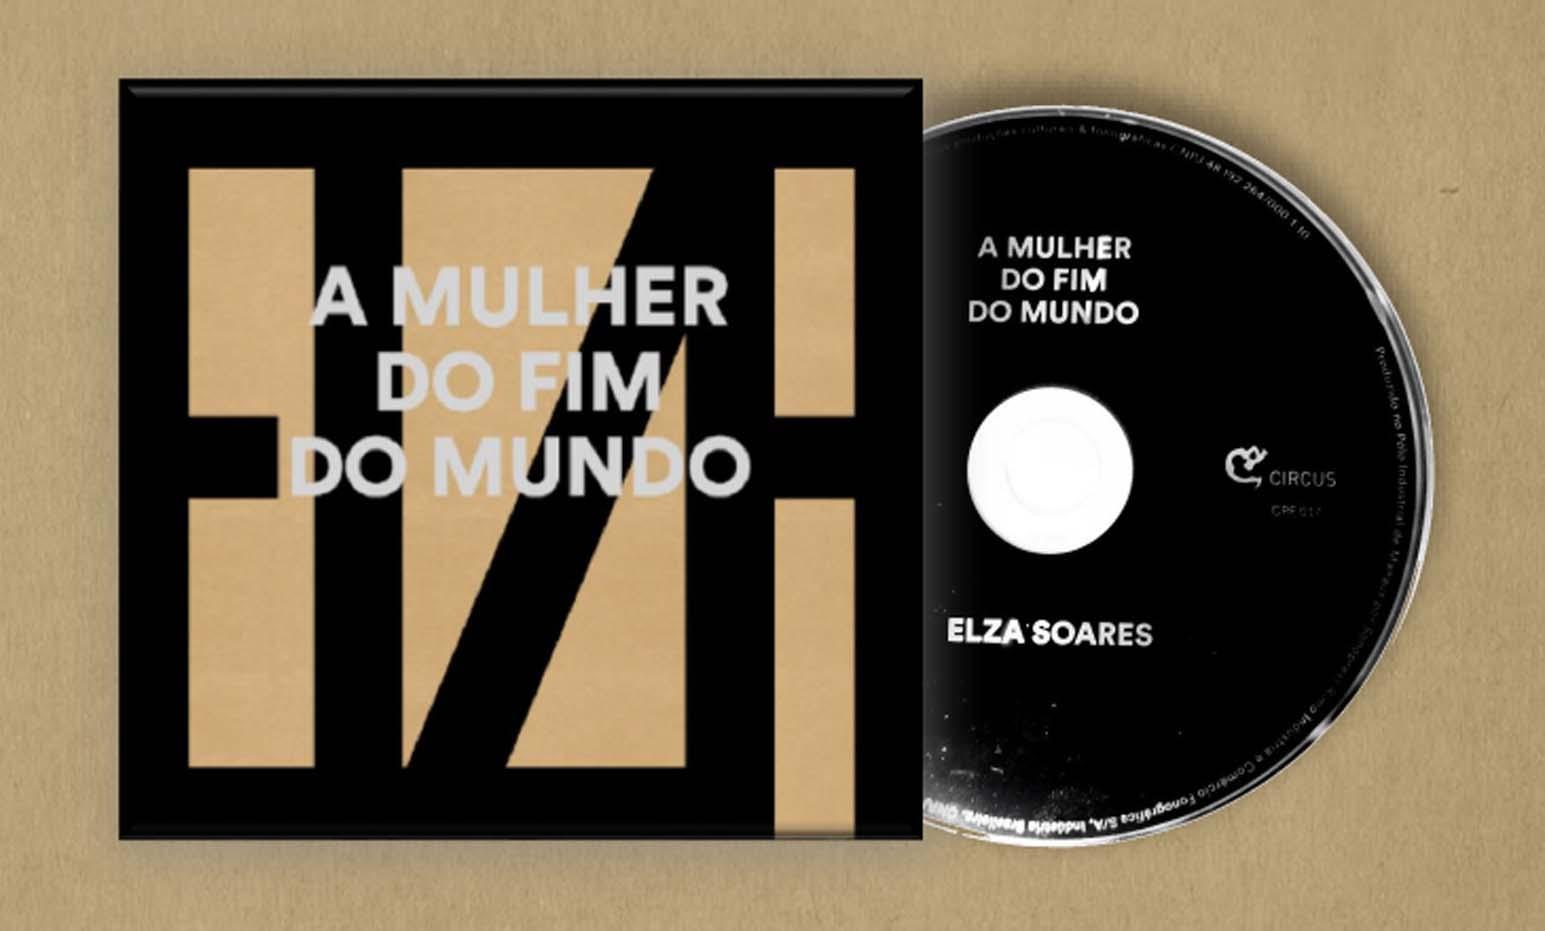 a-mulher-do-fim-do-mundo-elza-soares-album